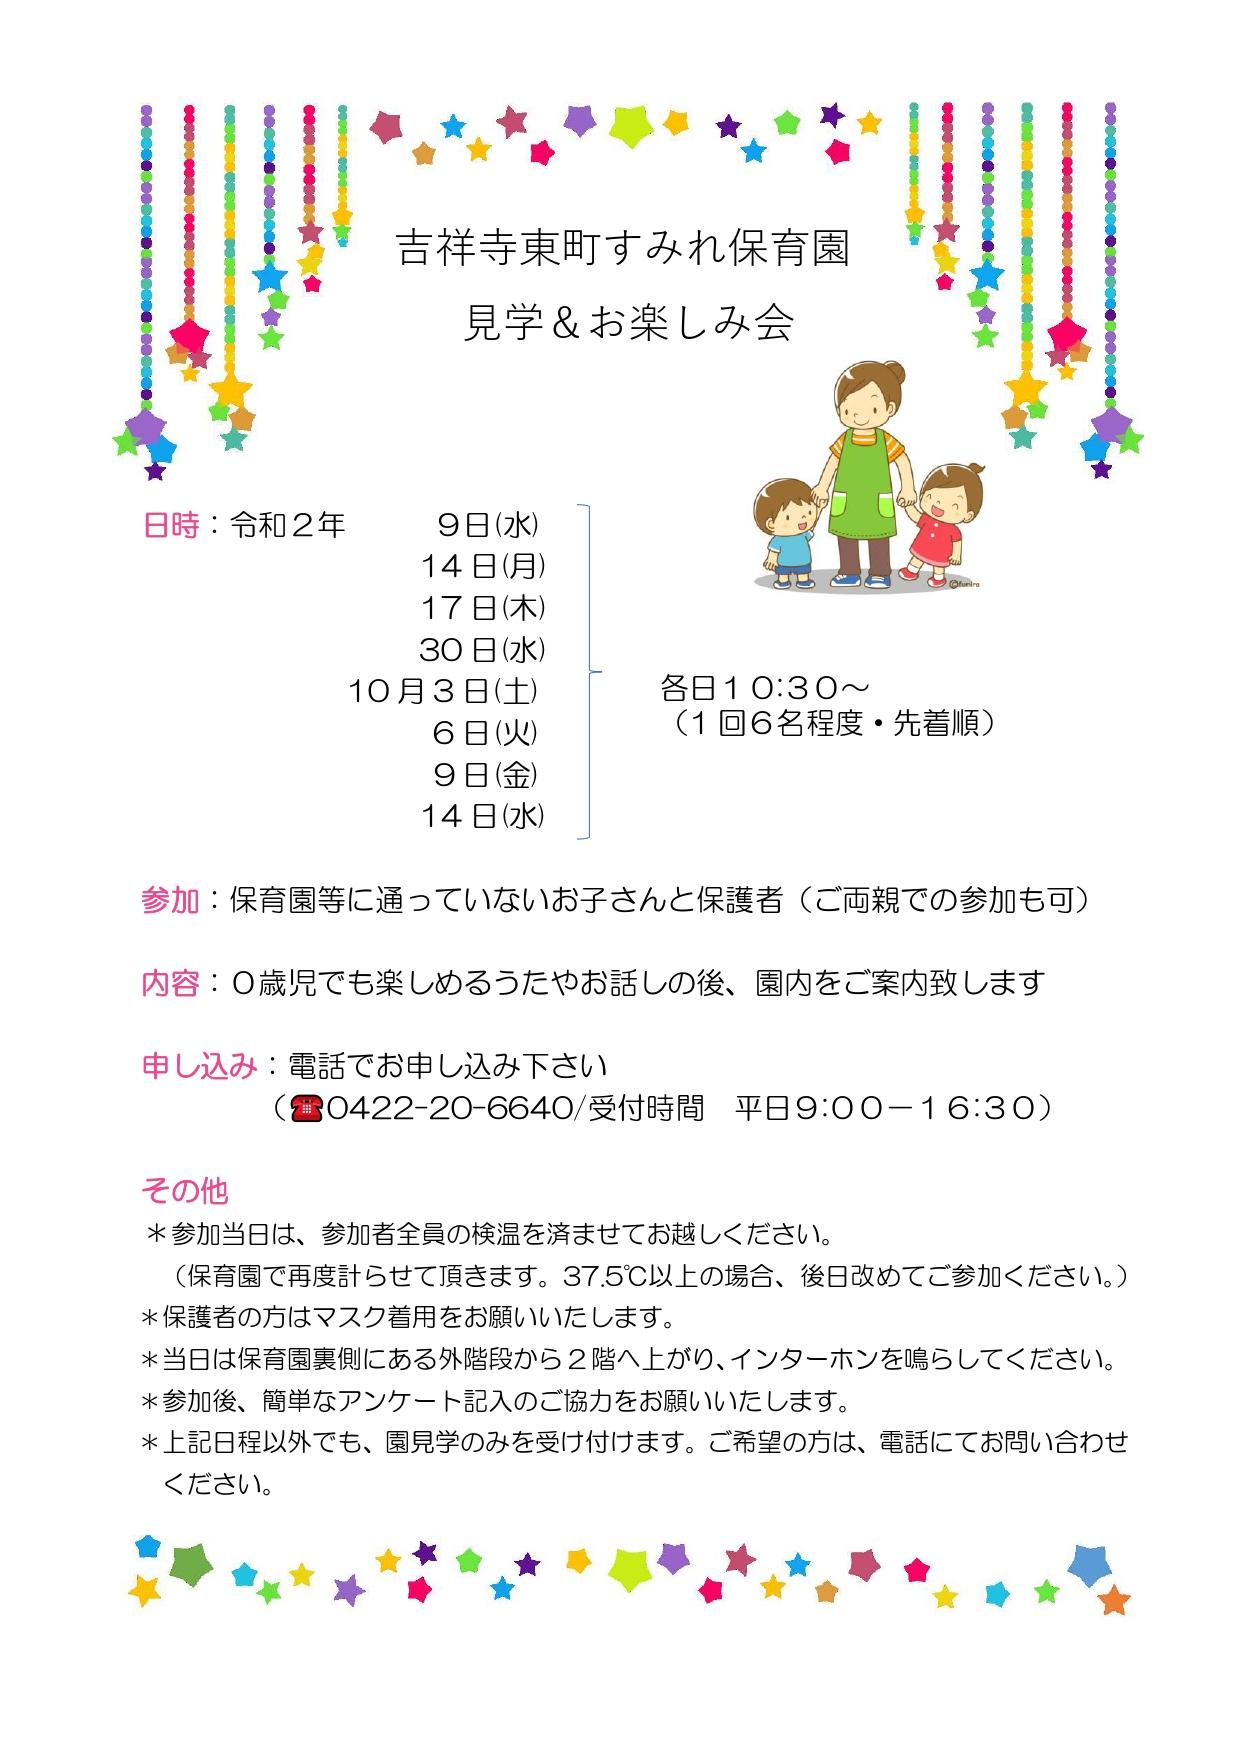 吉祥寺東町お楽しみ会_page-0001